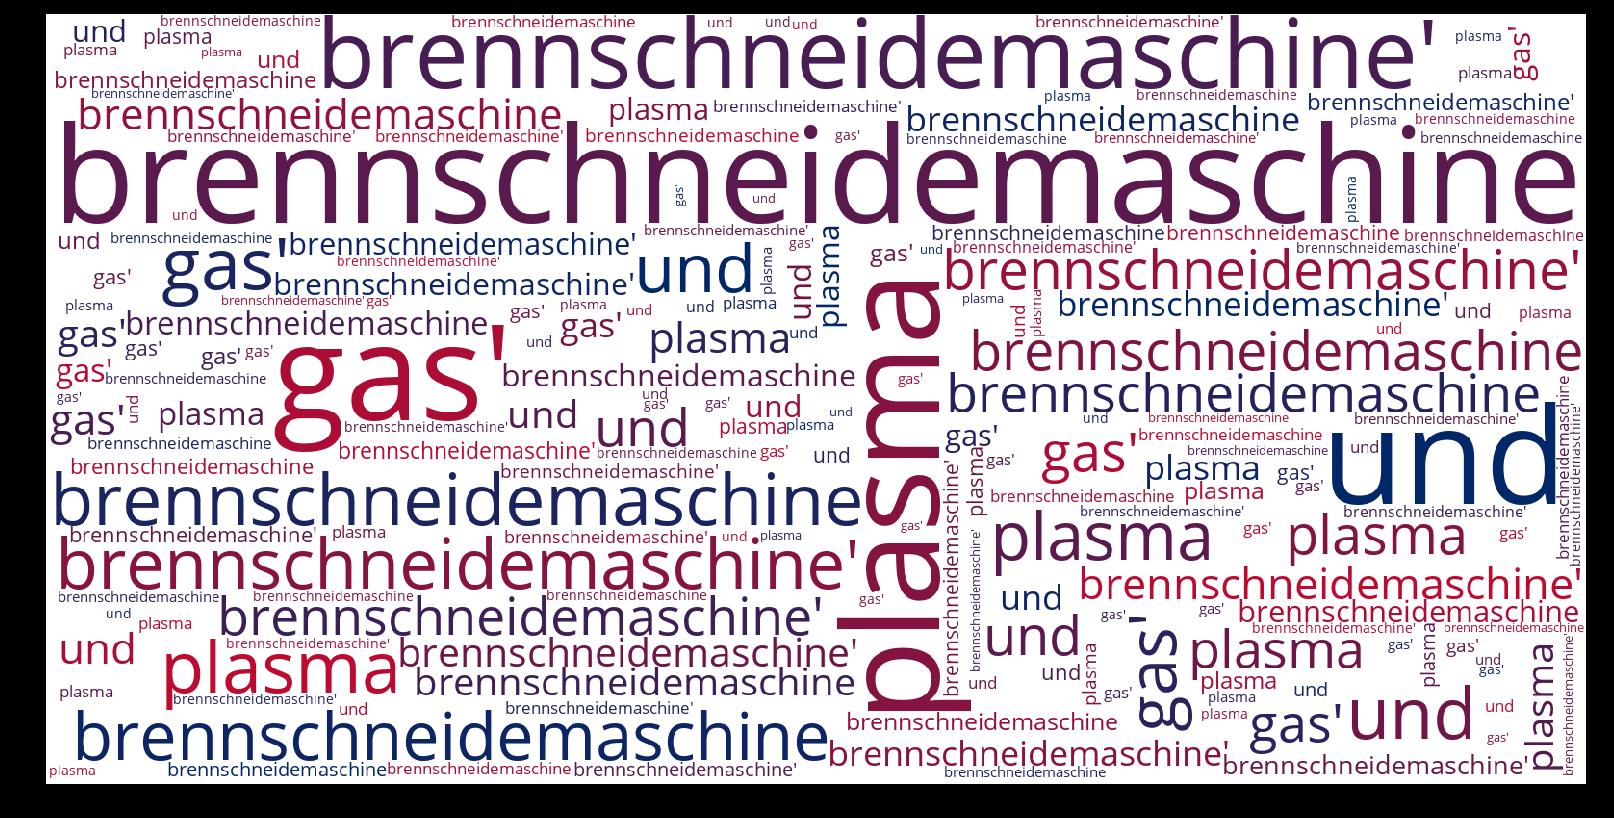 Brennschneidemaschine-wordcloud